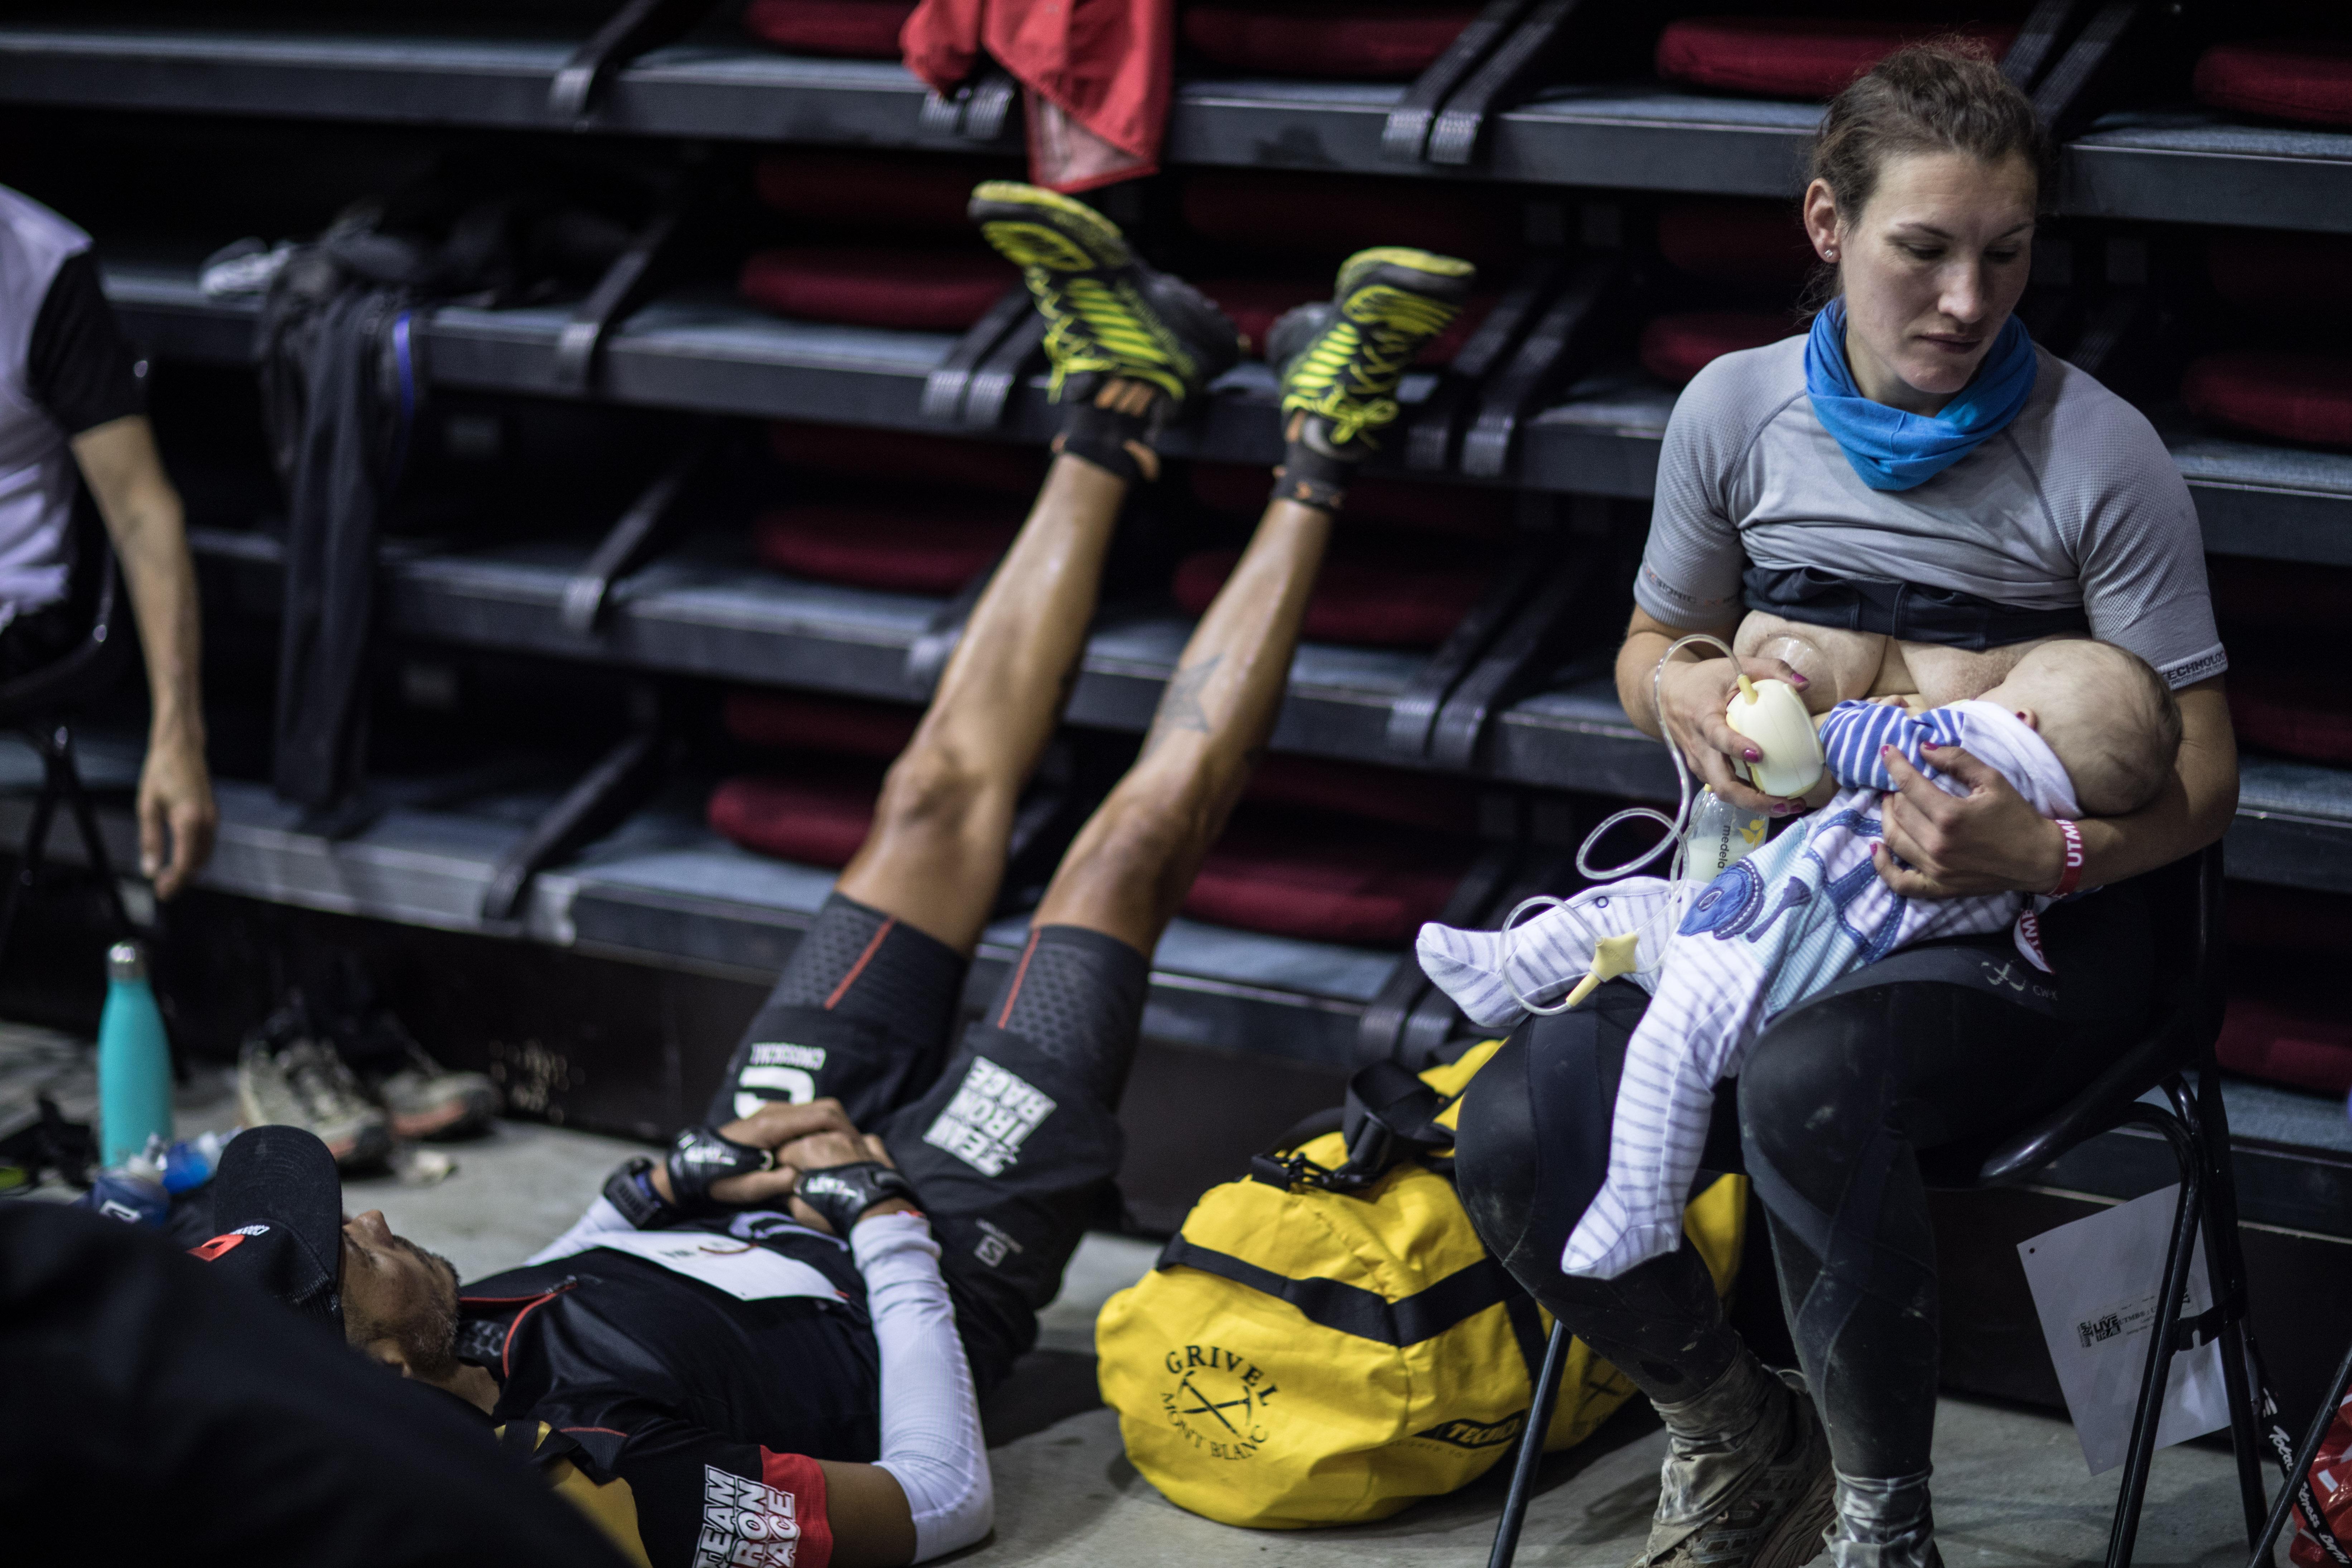 Verseny közben szoptatott az ultramaratonista, óriási felhajtás lett belőle